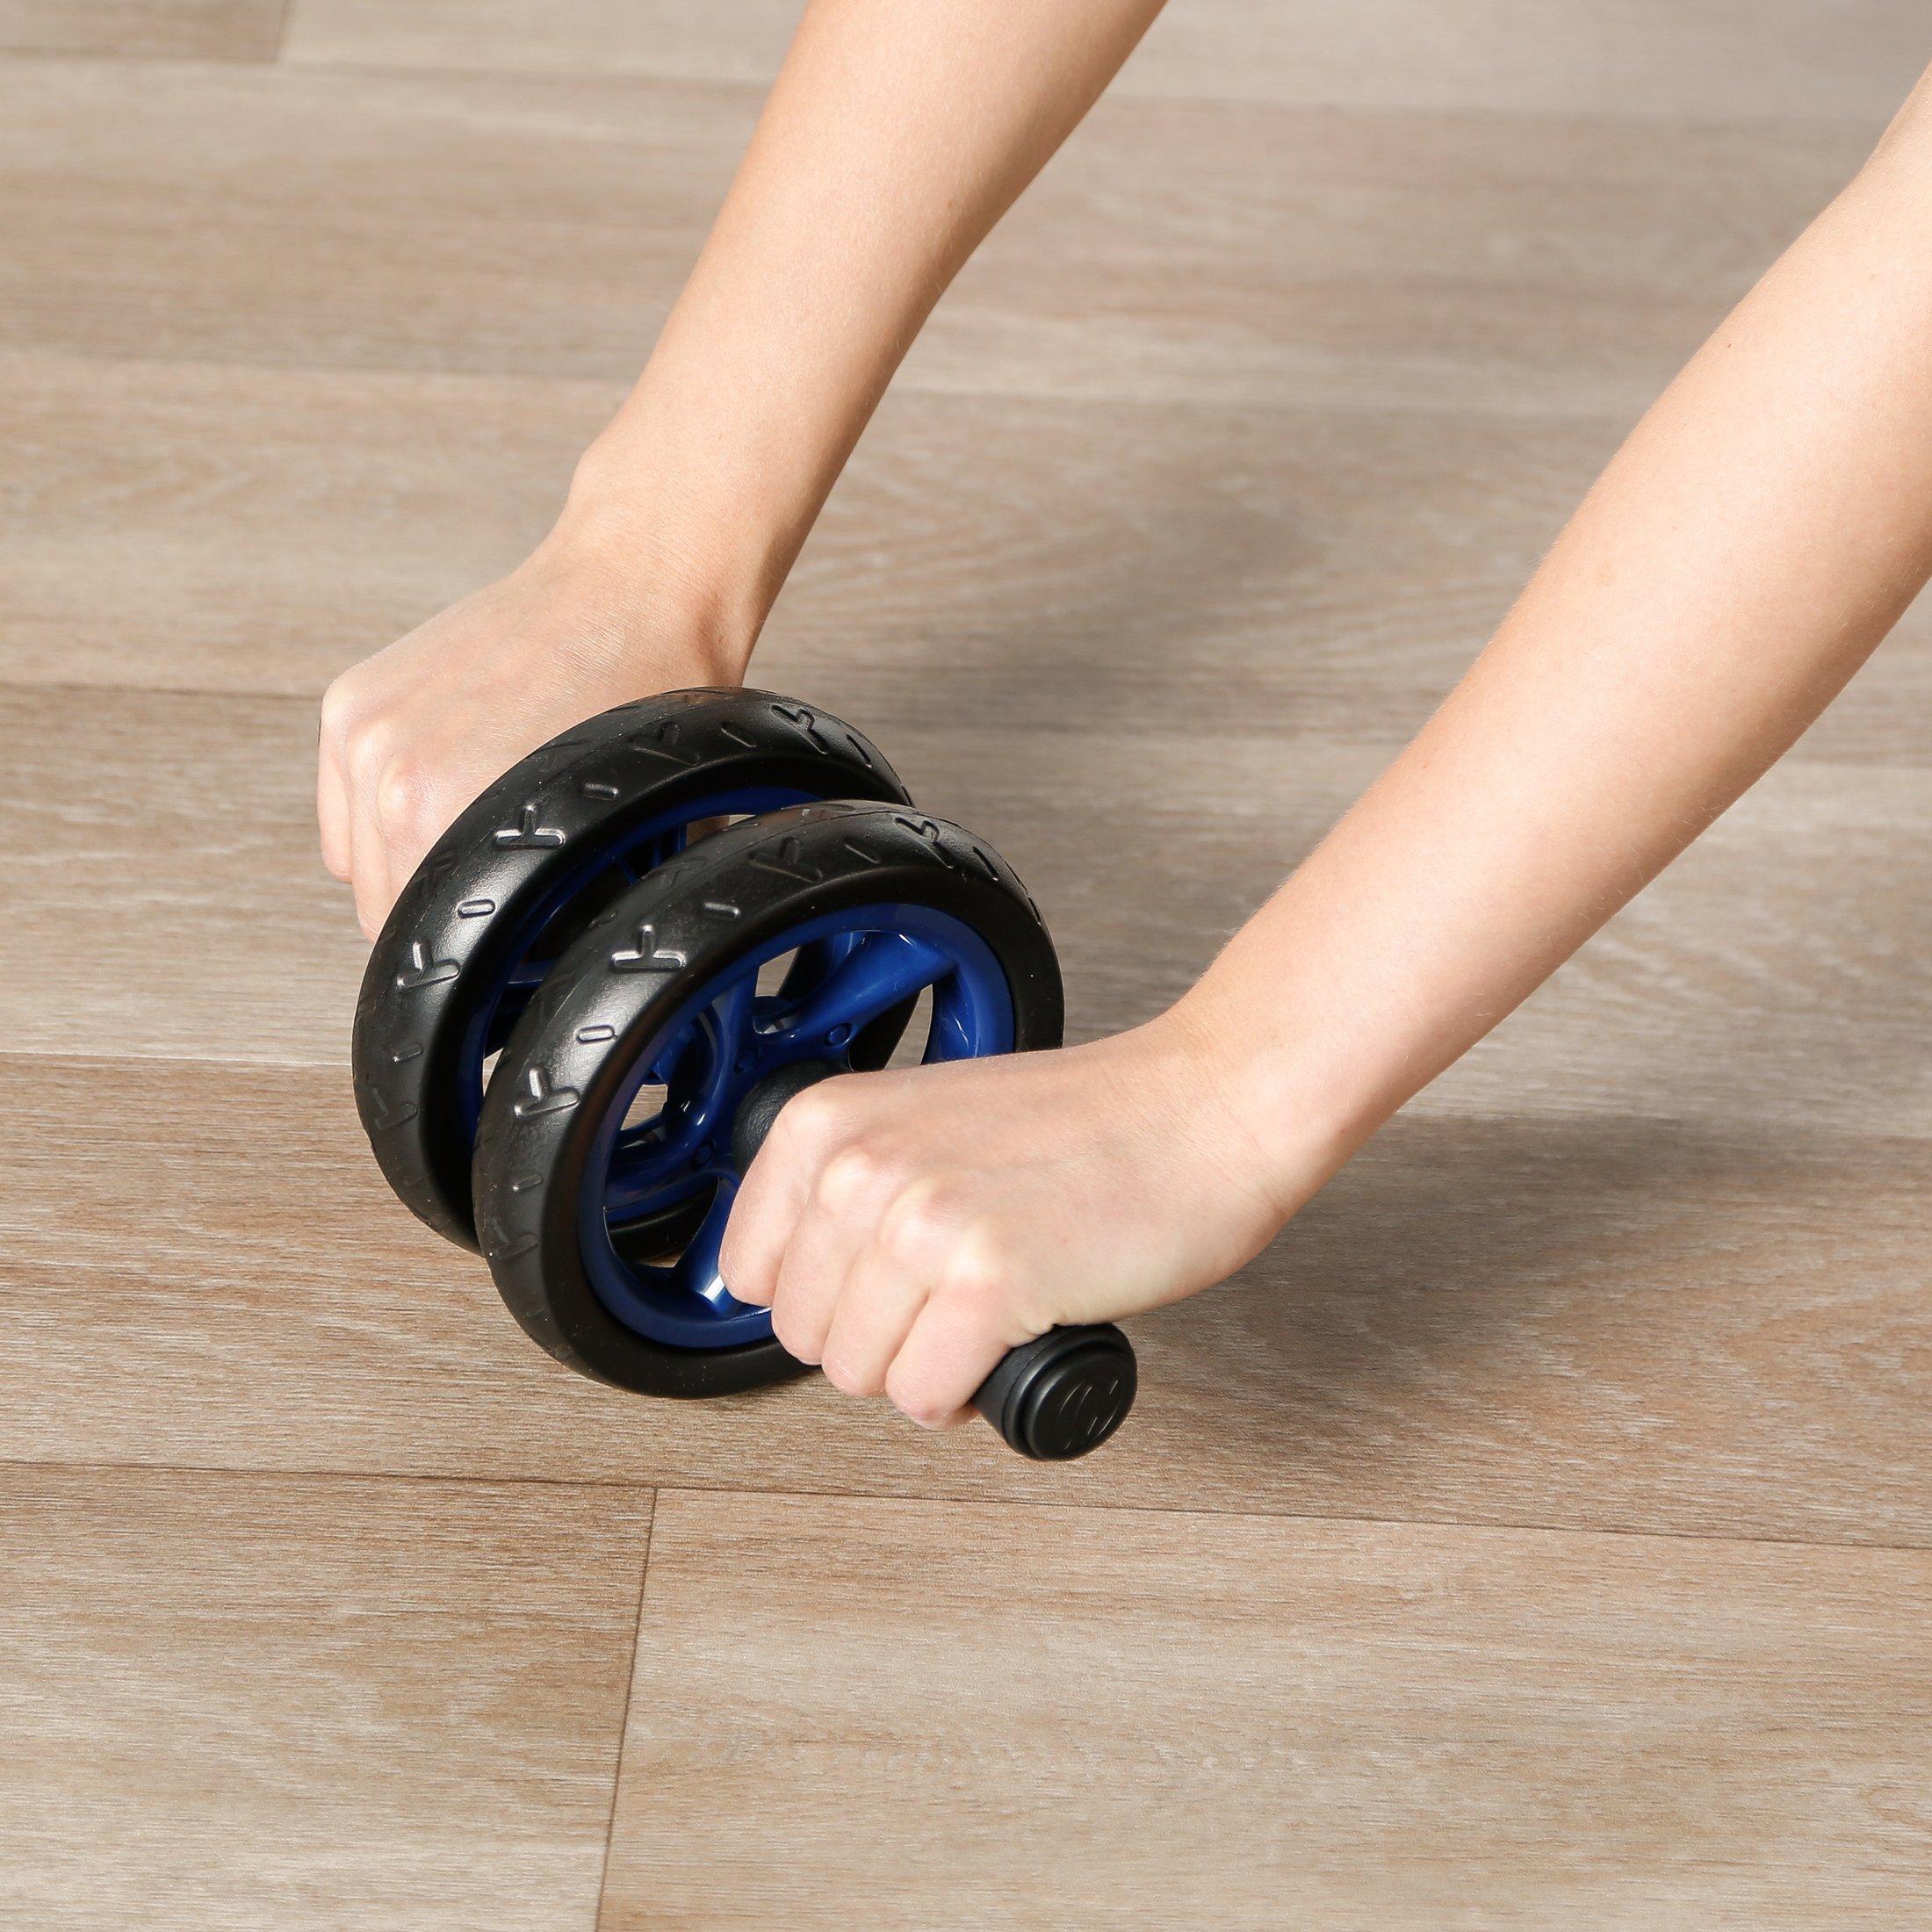 zum Trainieren von Bauchmuskeln Ultrasport Bauchtrainer AB Wheel gr/ün Kniematte R/ücken /& Schultern Bauchmuskeltrainer f/ür Zuhause Oberk/örper-Roller inkl platzsparendes Sportger/ät